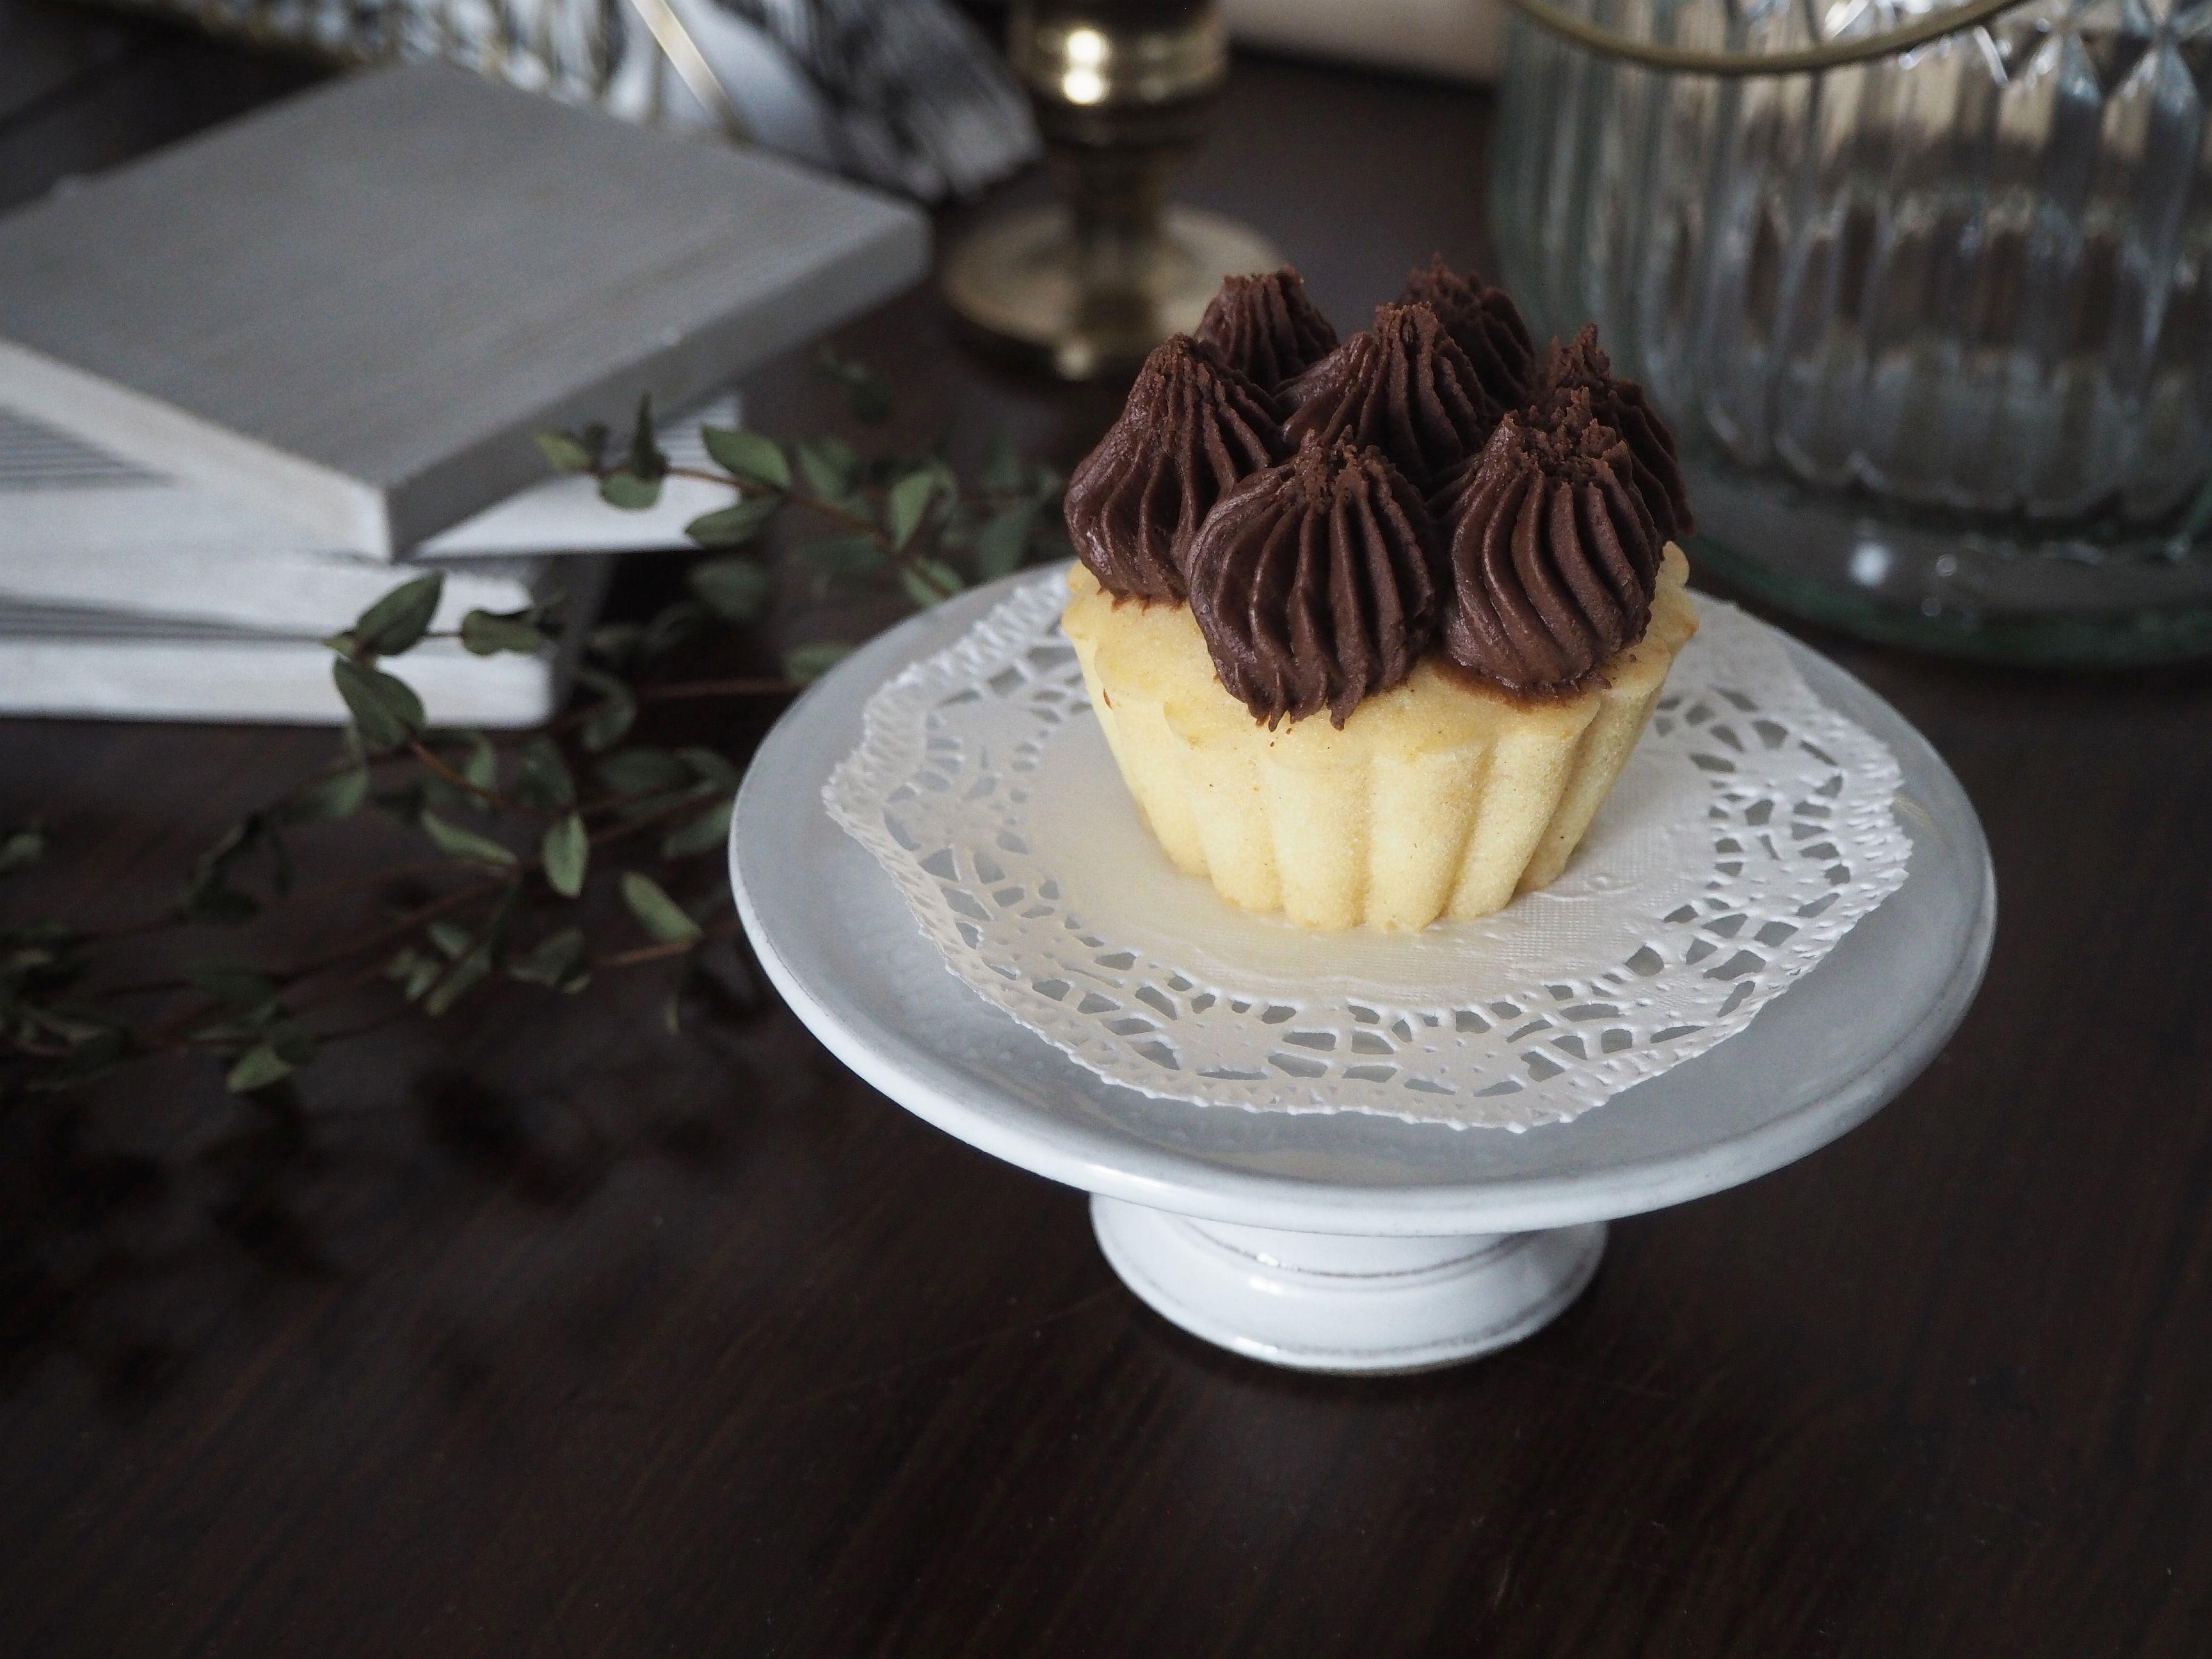 2018-01-skoen-och-kreativ-food-cookies-cake-love-vanilla-chocolate-cupcakes (5)